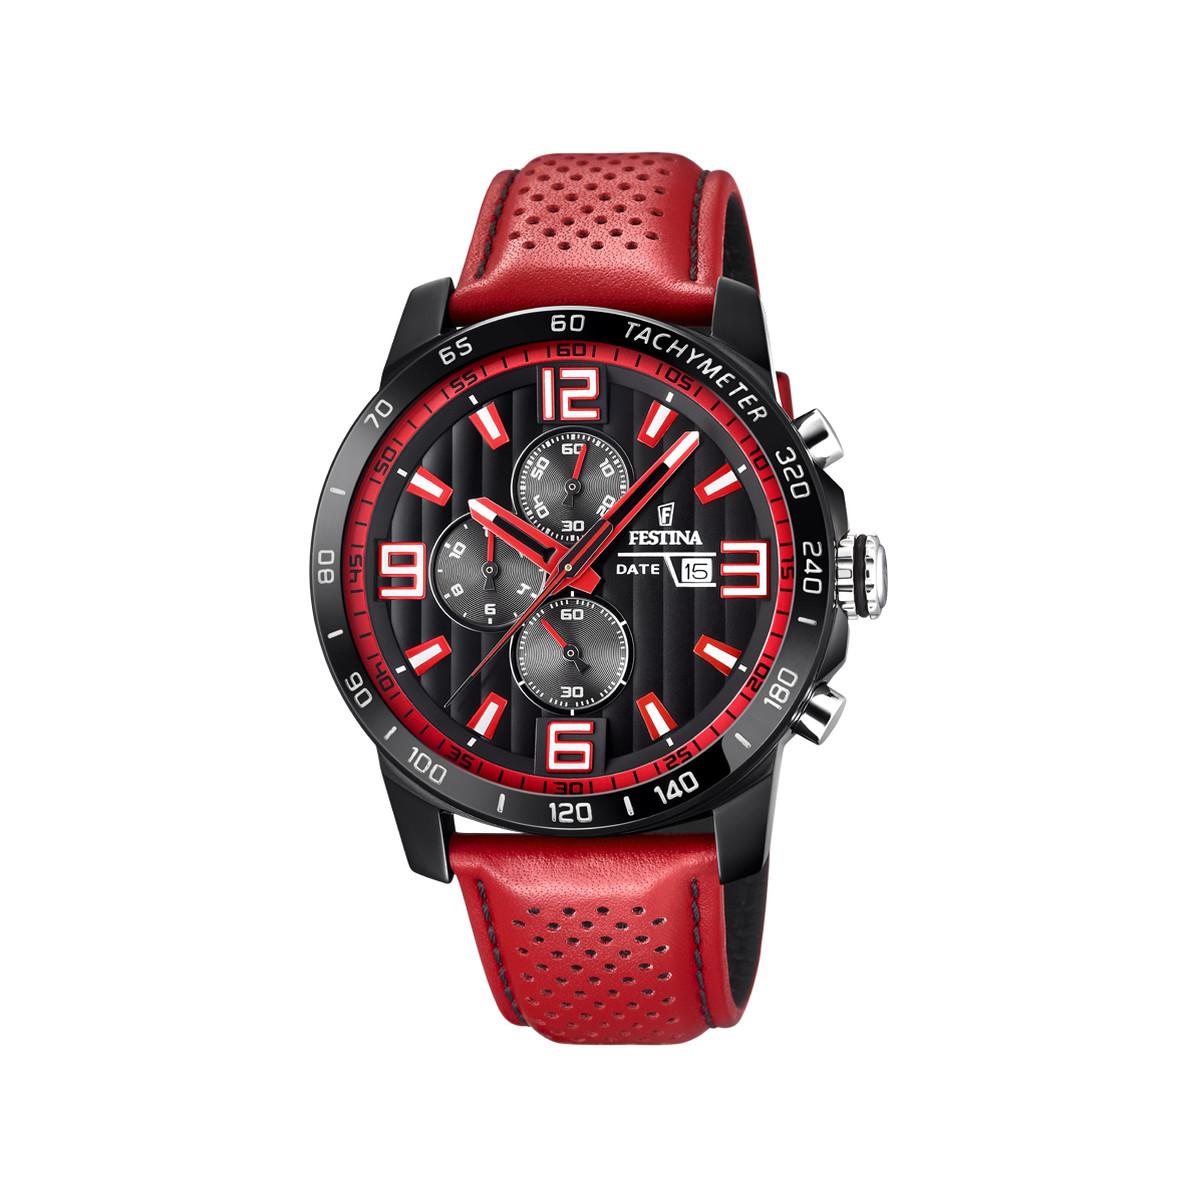 Montre Festina homme chronographe acier cuir rouge - Homme - modèle ... 50796019d452